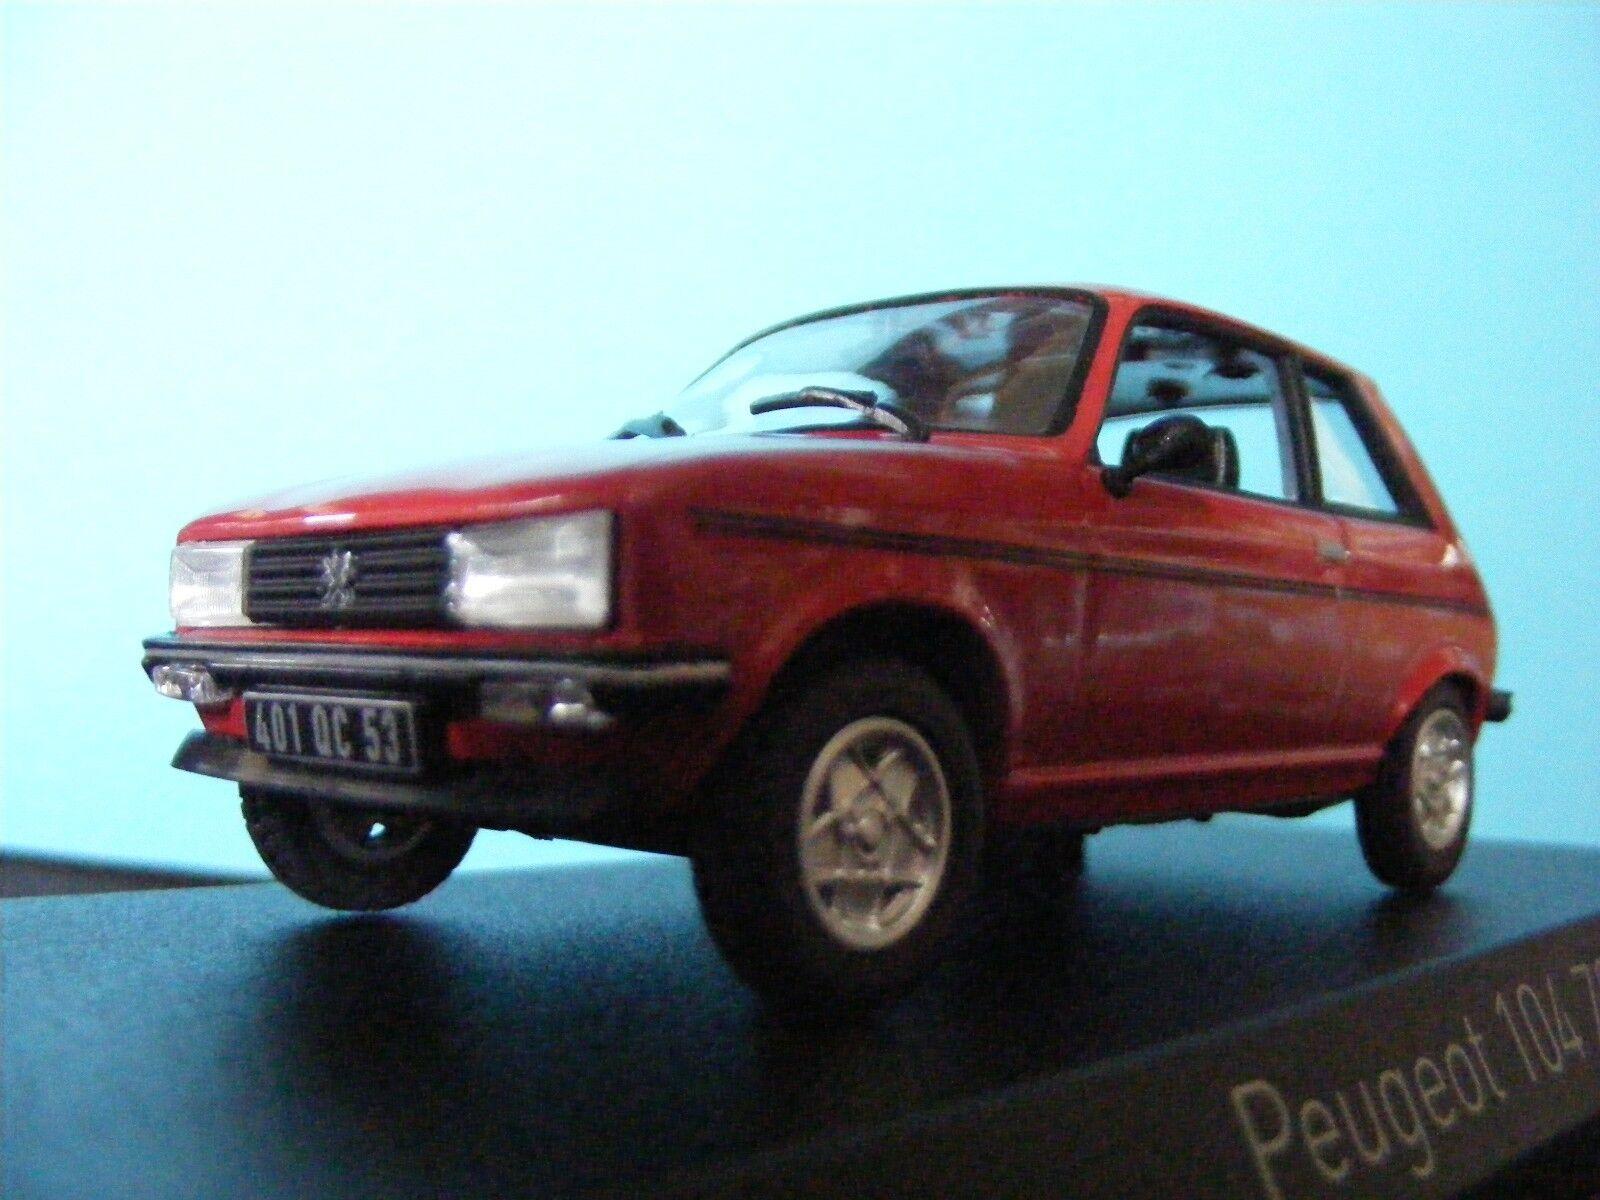 60% de descuento Peugoet 104 ZS en rojo 1979 francés registrado registrado registrado LHD Norev 1 43rd Nuevo elemento  marcas en línea venta barata